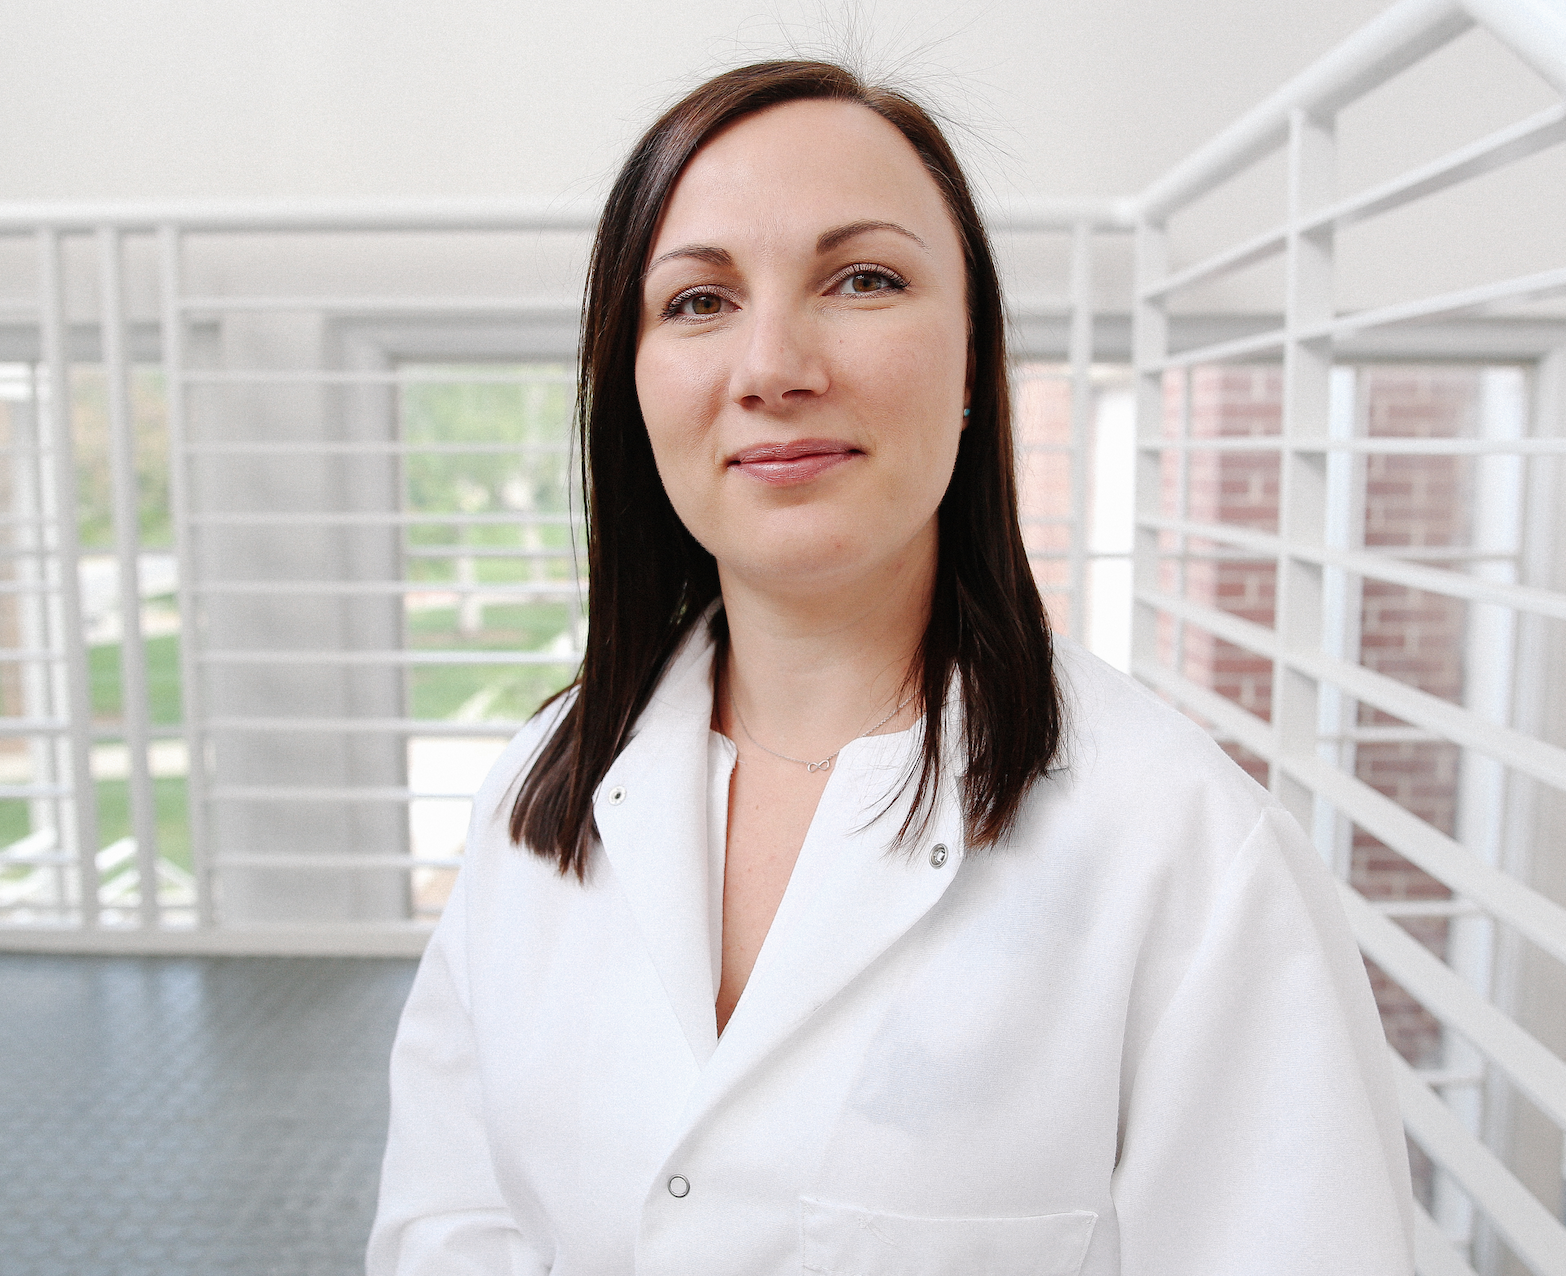 Marta Szulik was recently awarded a 3-year NIH NRSA F32 fellowship